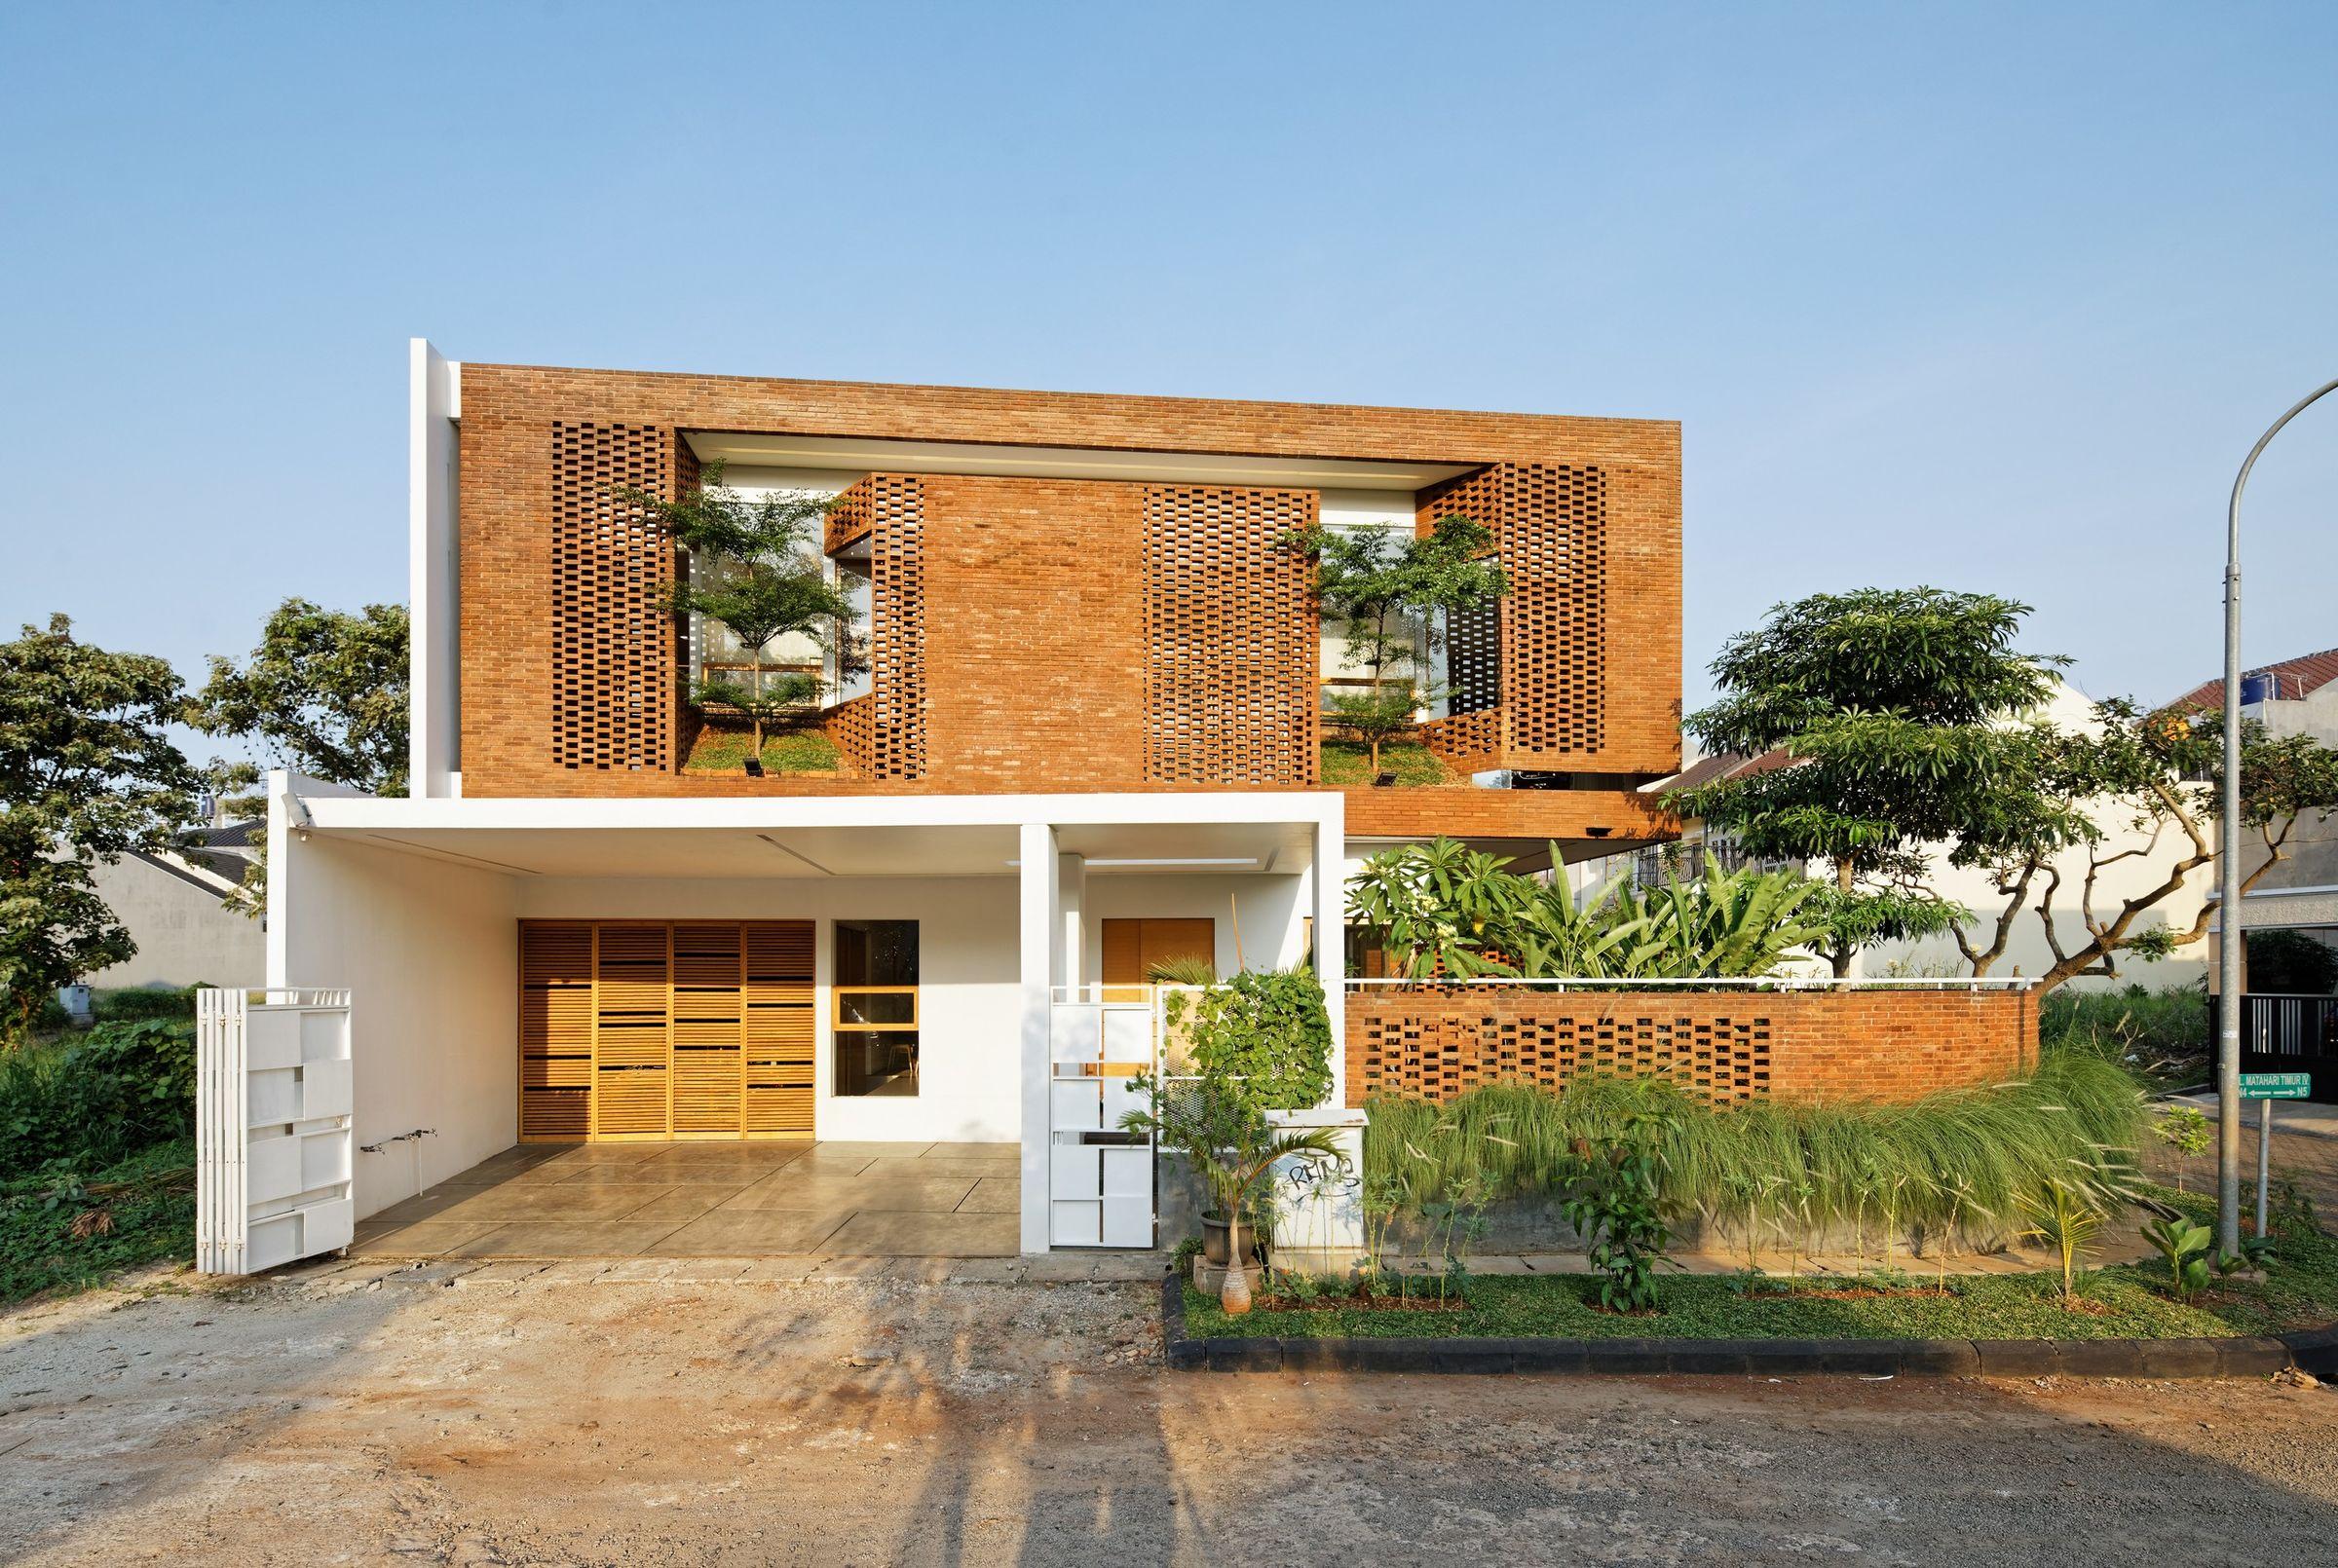 cac mau nha biet thu co san vuon dep nhat the gioi 12 50+ mẫu nhà biệt thự có sân vườn xanh mát mê mọi góc cạnh của thế giới